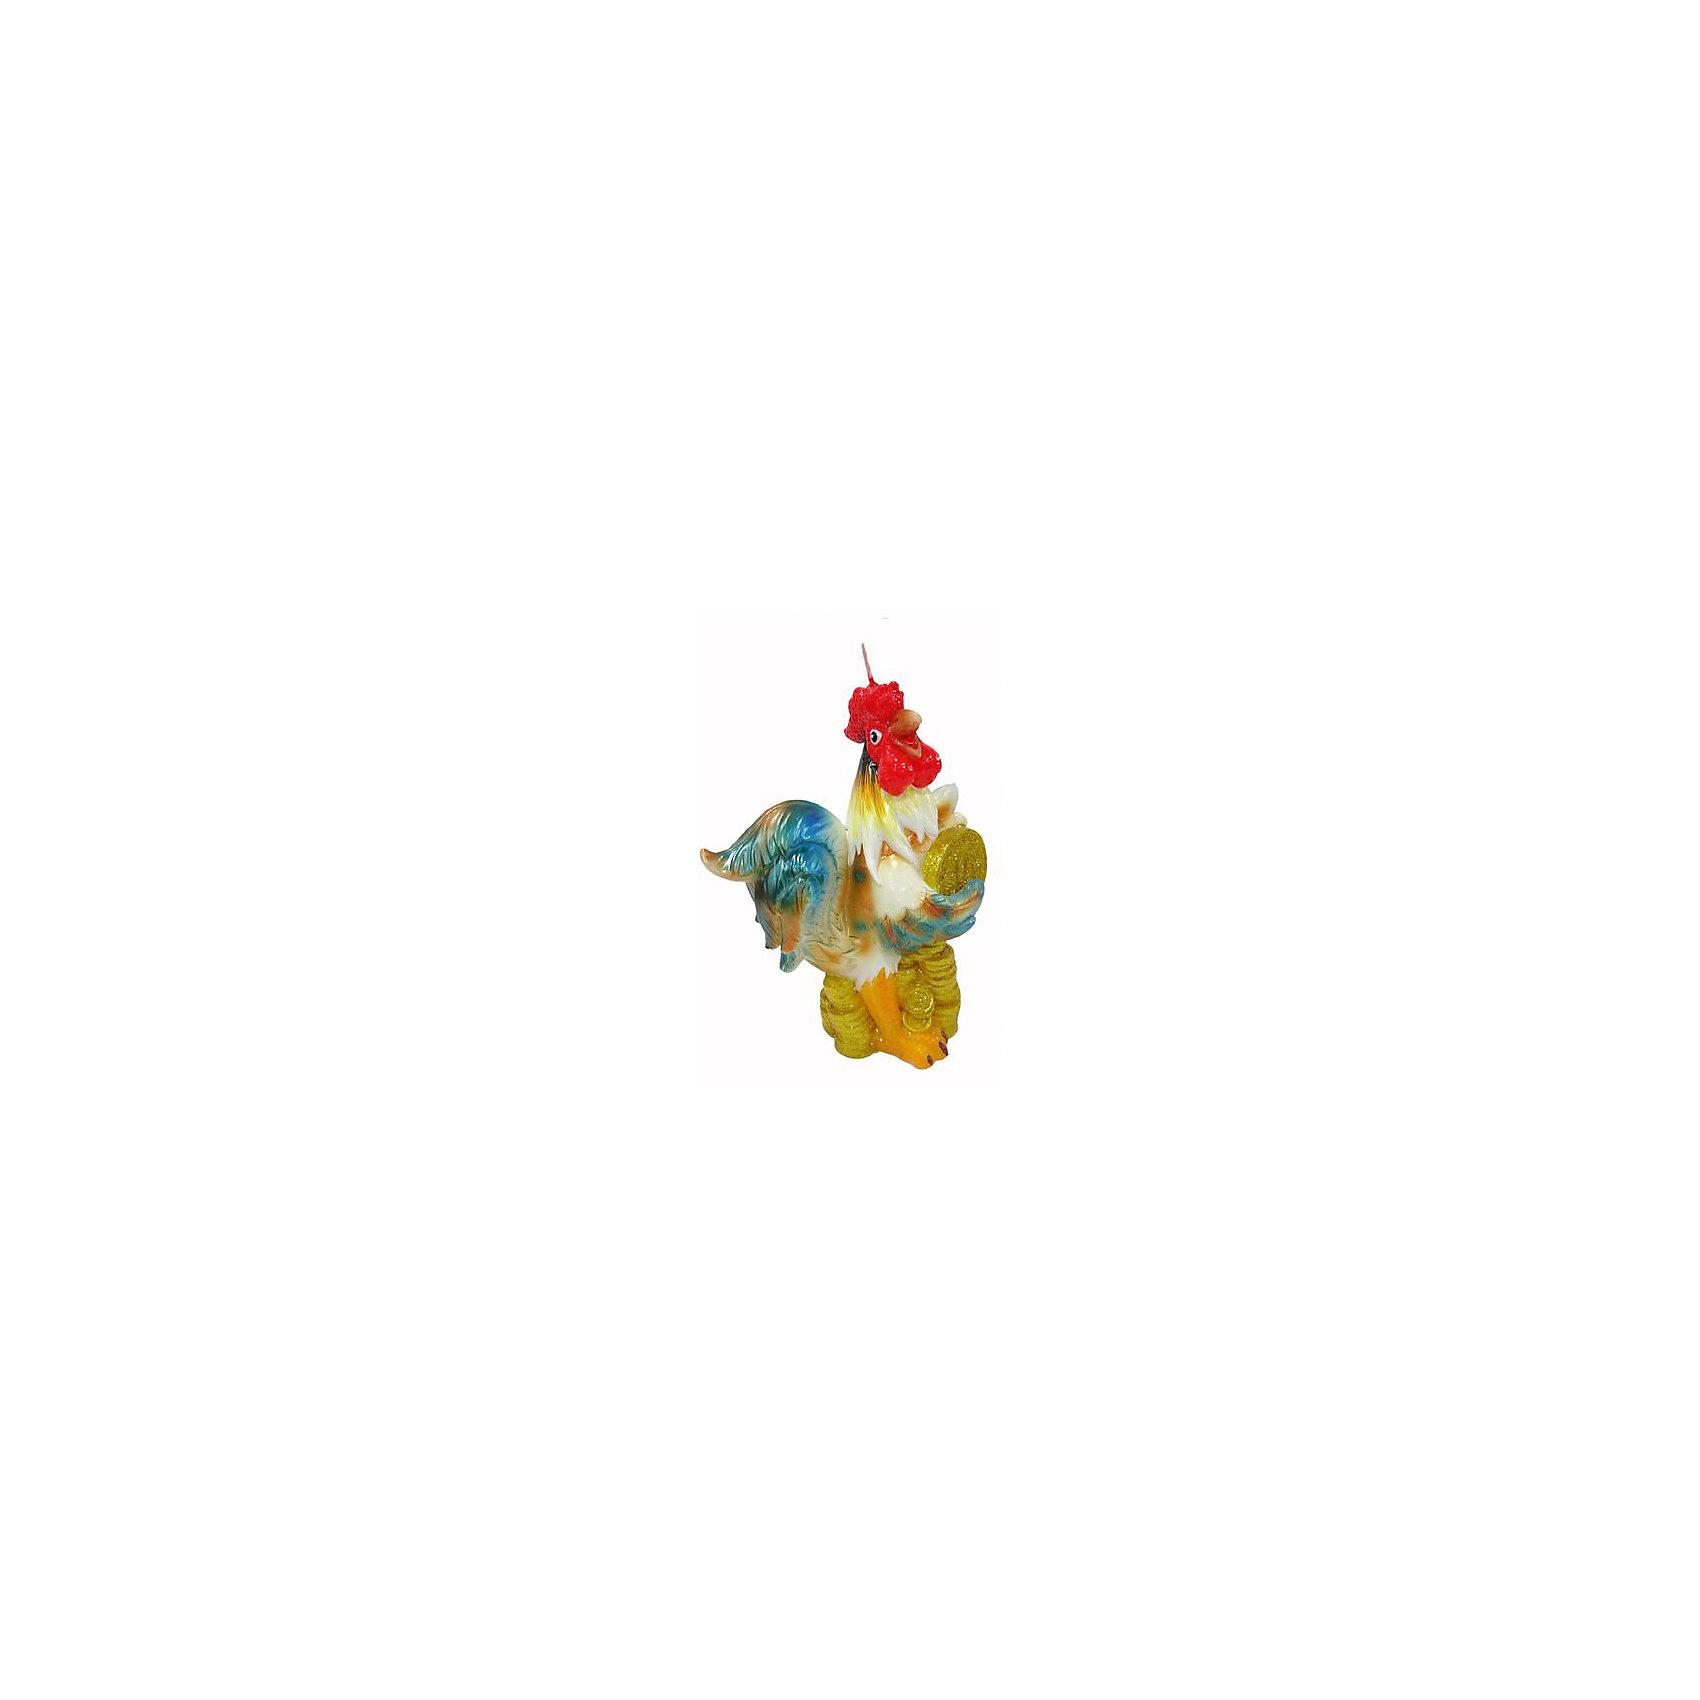 Свеча Петух 5,3*3,5*7,8 смСвеча Петух 5,3*3,5*7,8 см.<br><br>Характеристики:<br><br>- Размер: 5,3х3,5х7,8 см.<br>- Материал: парафин<br>- Раскрашено вручную<br><br>Свеча Петух ручной работы станет не только милым украшением праздничного стола, но и отличным новогодним или рождественским подарком друзьям и близким. Она выполнена в виде изумительно яркого и восхитительно симпатичного Петушка – символа 2017 года. Свеча принесет в Ваш дом богатство и удачу, и послужит для освещения новогоднего стола и вместе с ароматом мандаринов и пузырьками шампанского создаст приятную и душевную атмосферу, которая располагает к общению.<br><br>Свечу Петух 5,3*3,5*7,8 см можно купить в нашем интернет-магазине.<br><br>Ширина мм: 53<br>Глубина мм: 35<br>Высота мм: 78<br>Вес г: 35<br>Возраст от месяцев: 60<br>Возраст до месяцев: 1188<br>Пол: Унисекс<br>Возраст: Детский<br>SKU: 5124556